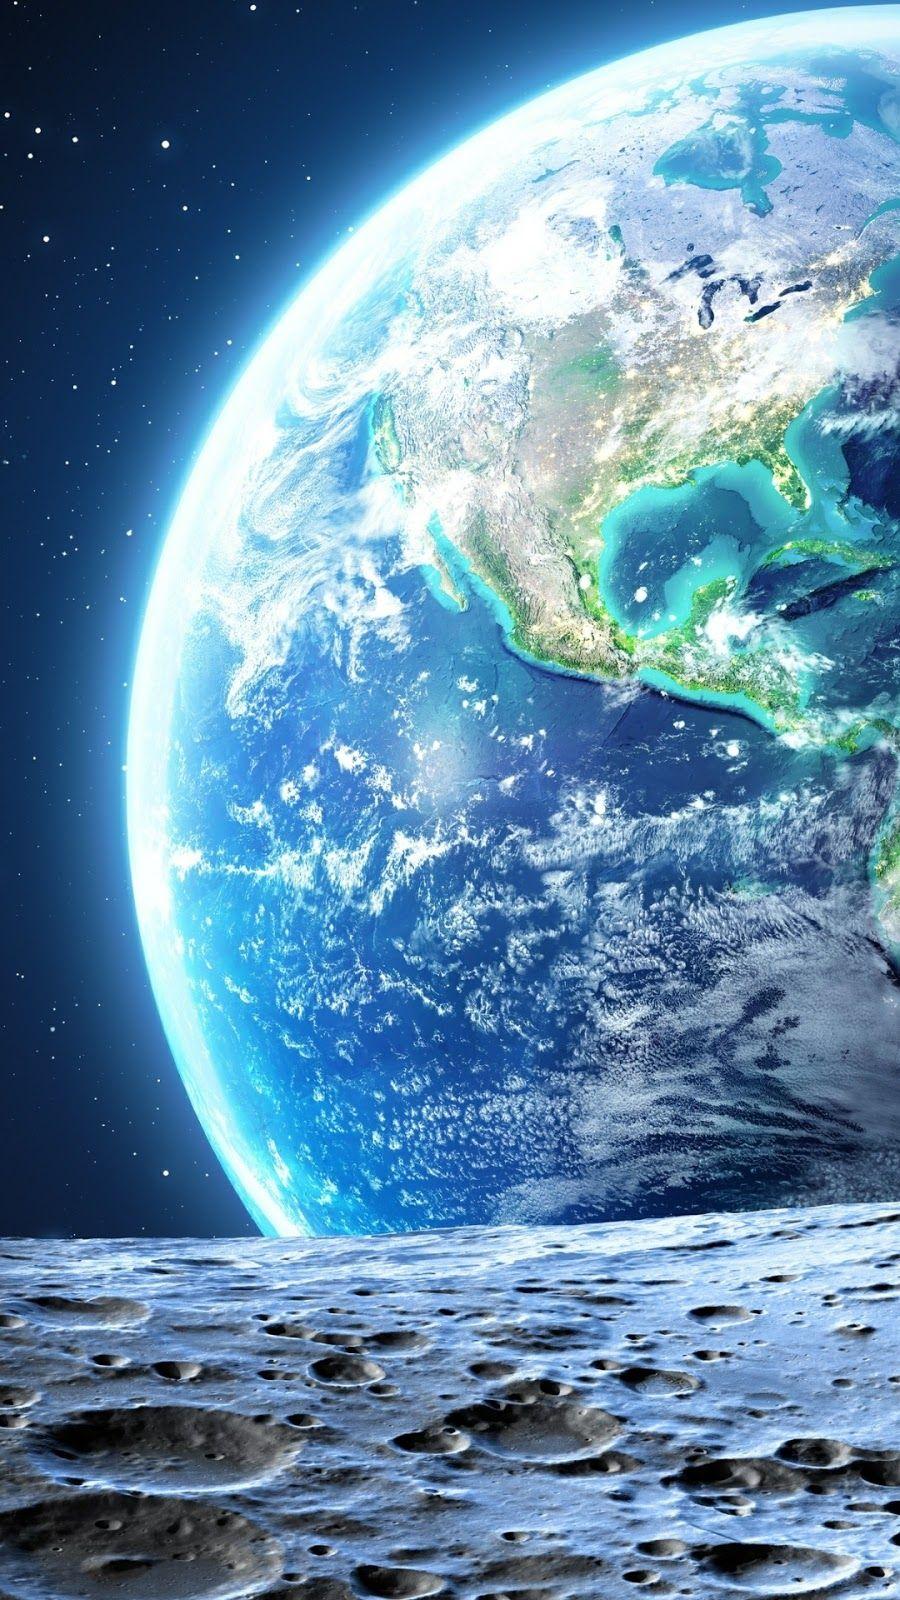 4k Earth Mobile Walpaper Full Hd My Walpaper In 2020 Earth From Space Beautiful Wallpaper Hd Wallpaper Earth